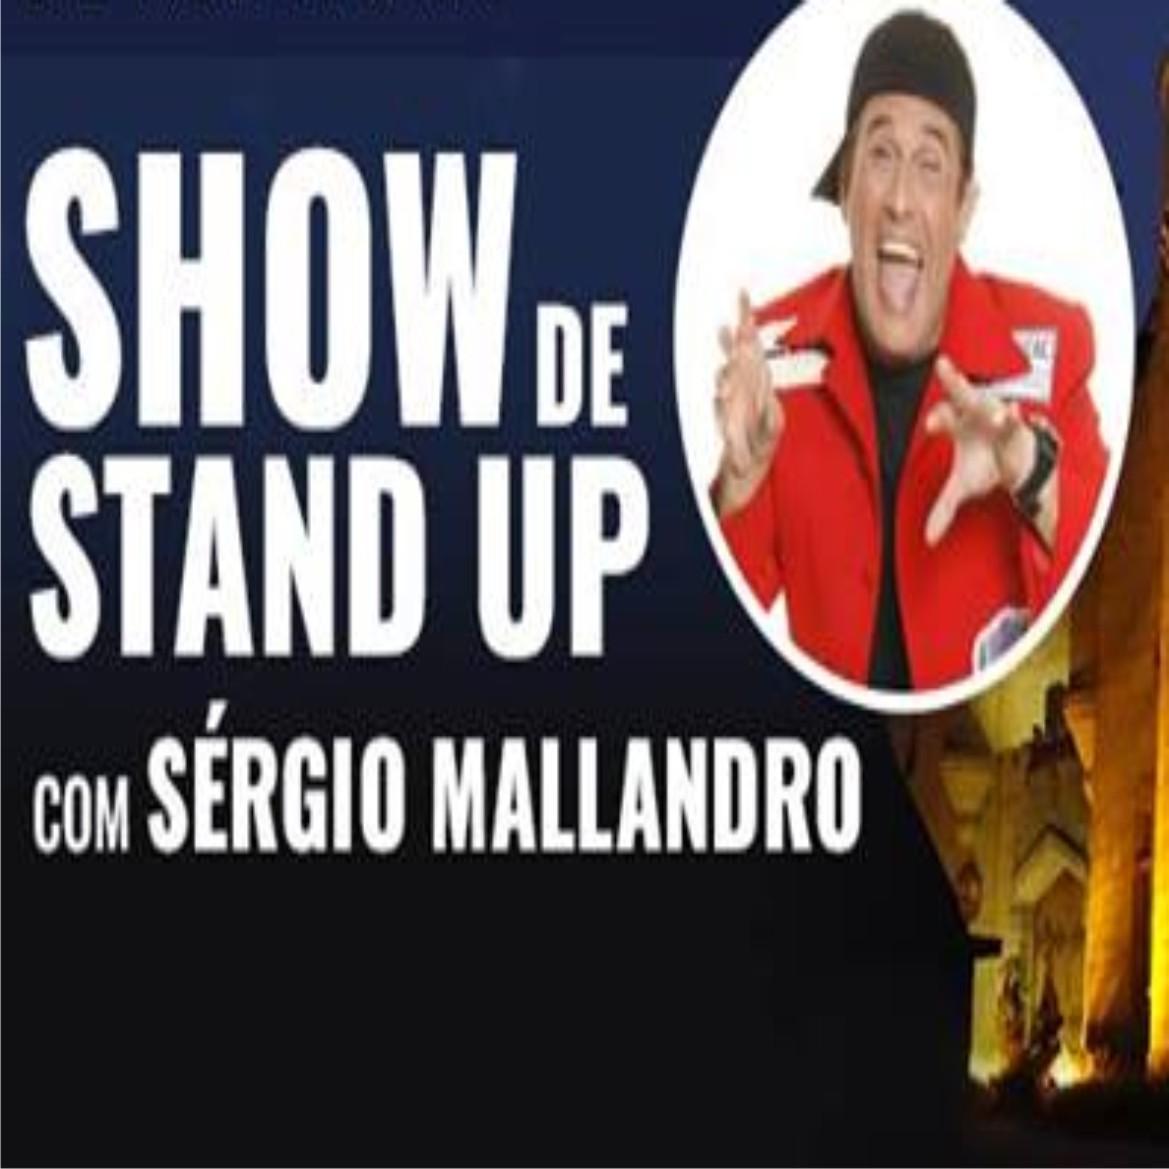 Coquetel de Abertura e Show de Stand Up com S�RGIO MALLANDRO